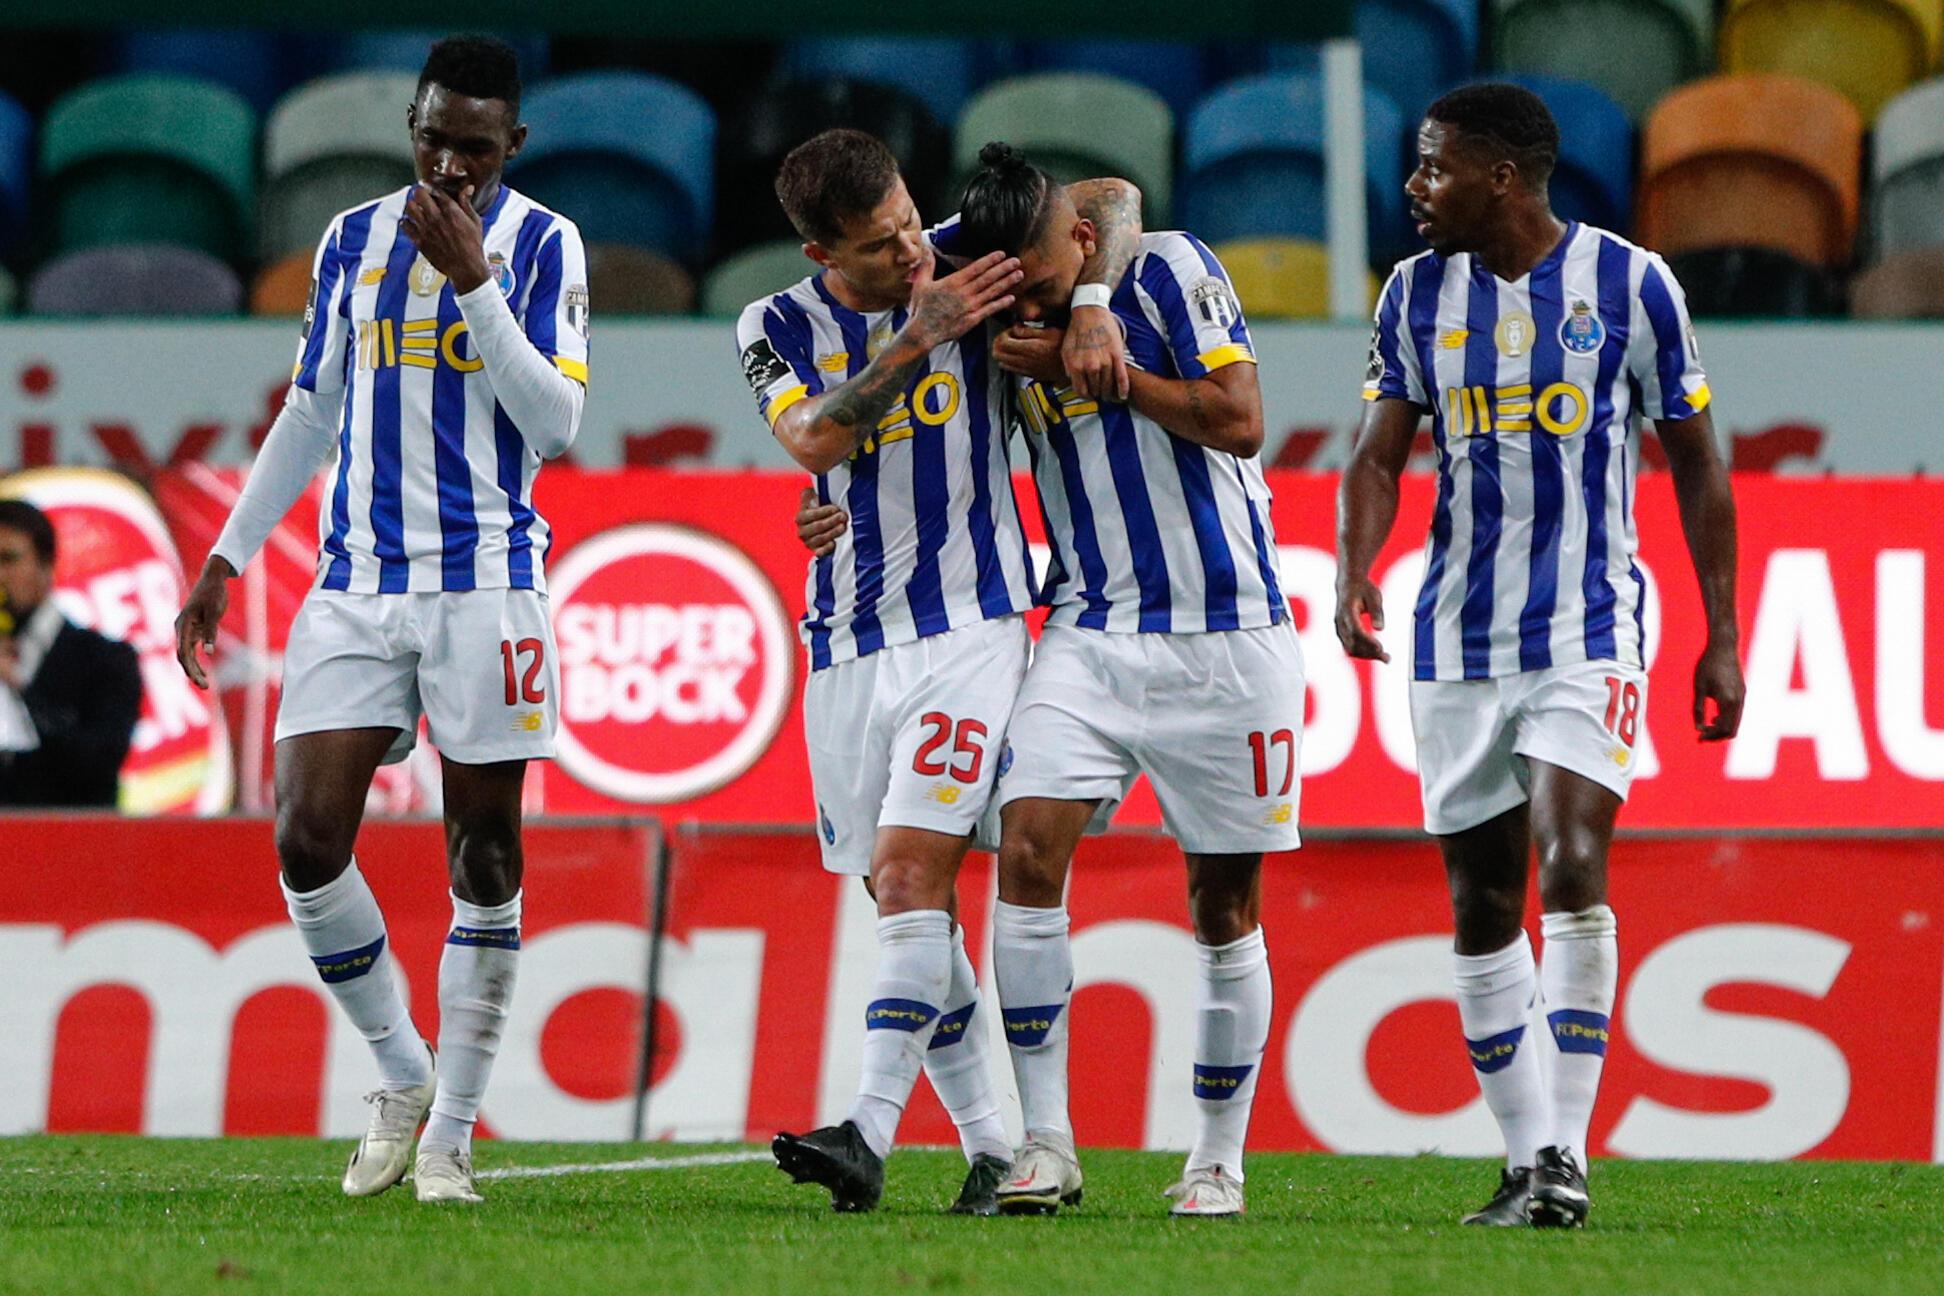 Jogadores do FC Porto festejaram o segundo tento, marcado por Jesús Corona (centro), apontado ao Sporting CP.